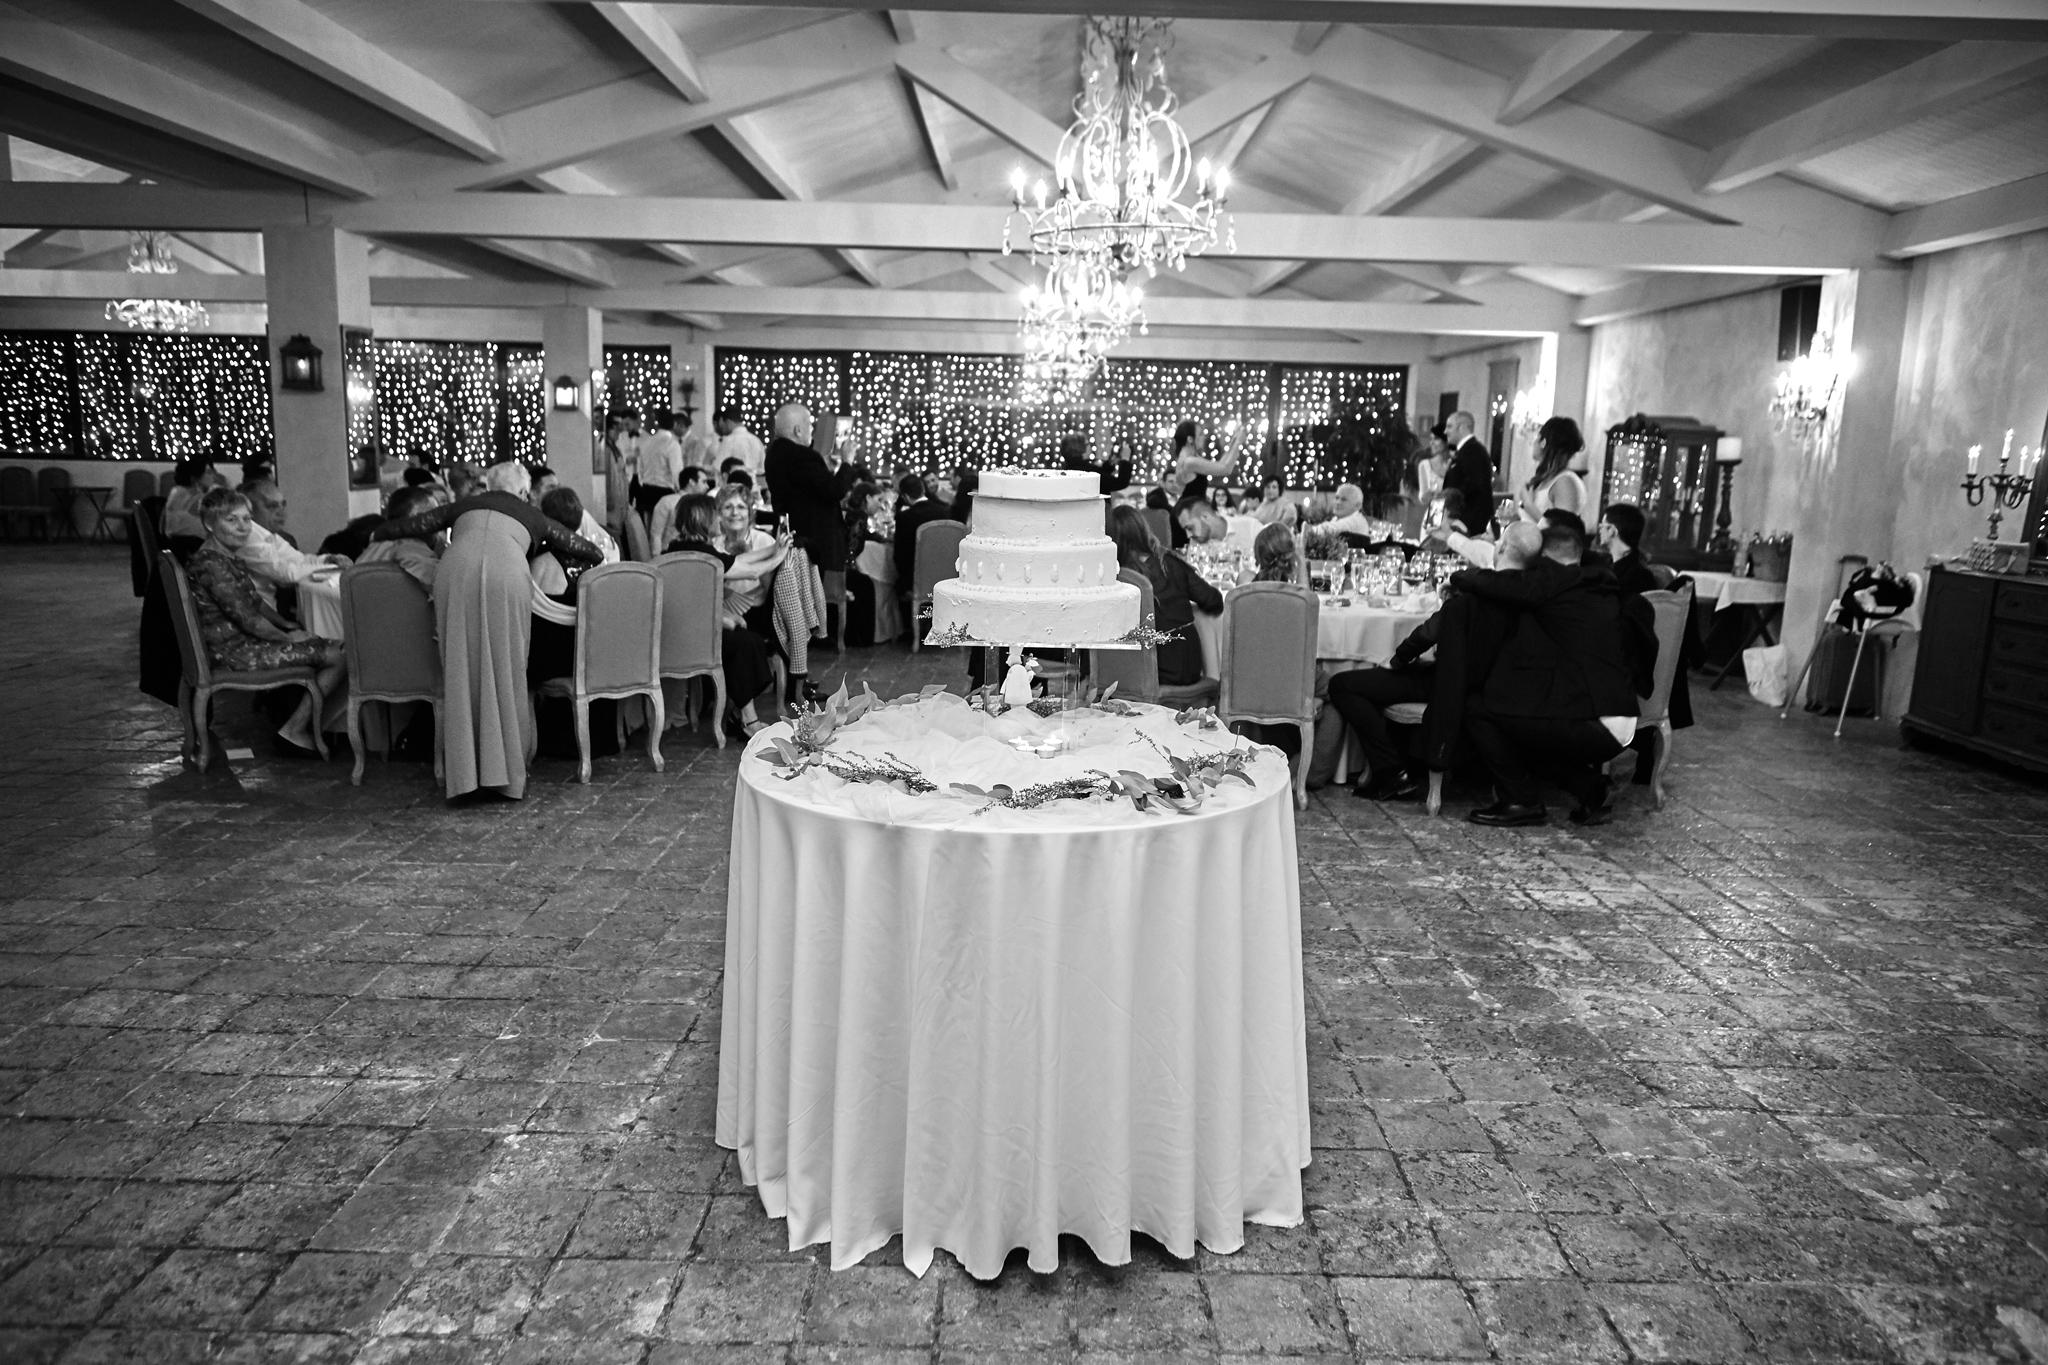 fotografia-boda-barcelona44.jpg